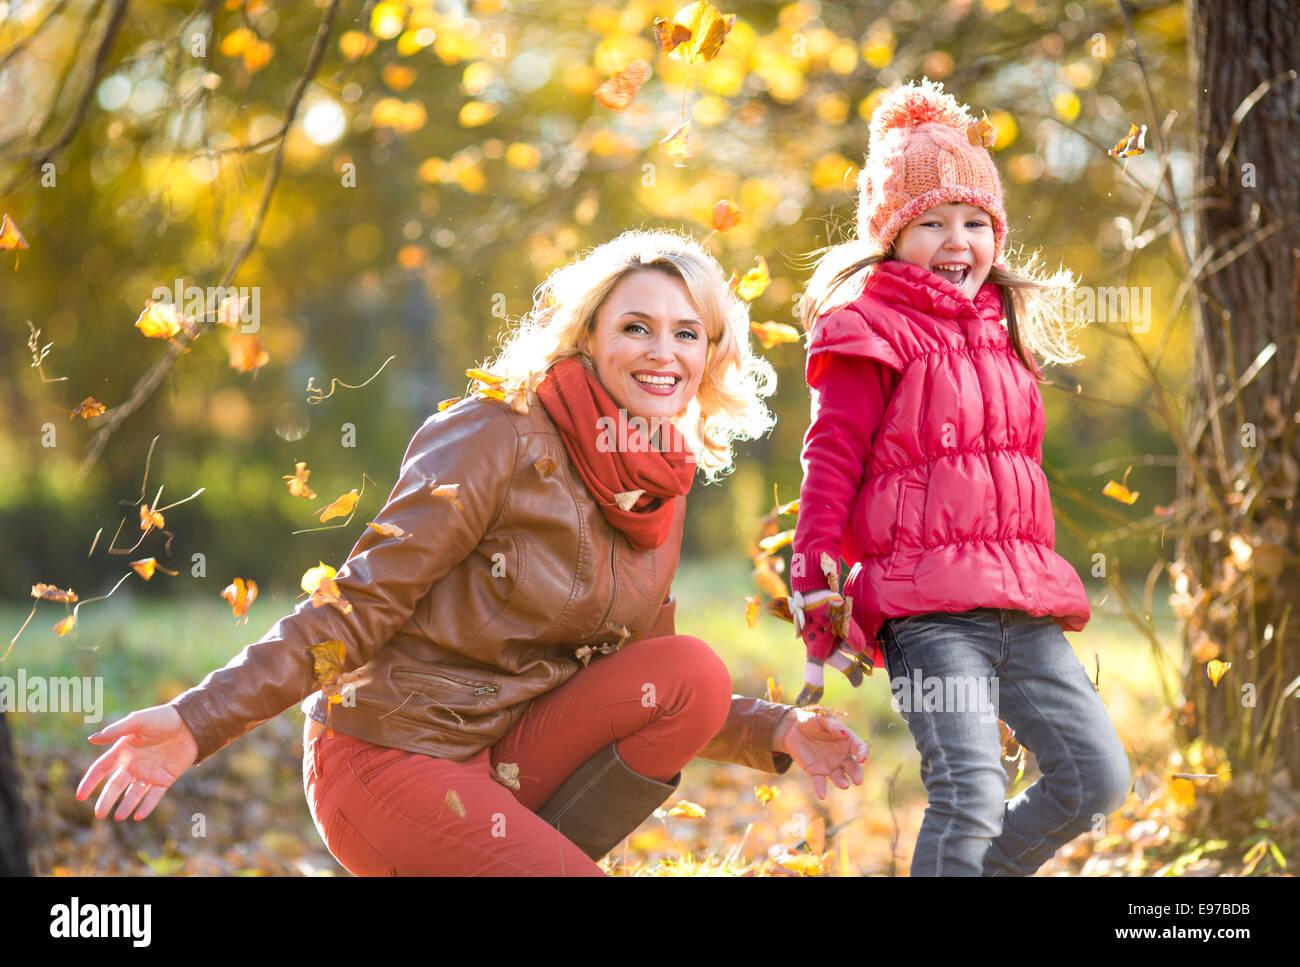 Feliz padre e hijo jugando al aire libre con el otoño hojas amarillas Imagen De Stock